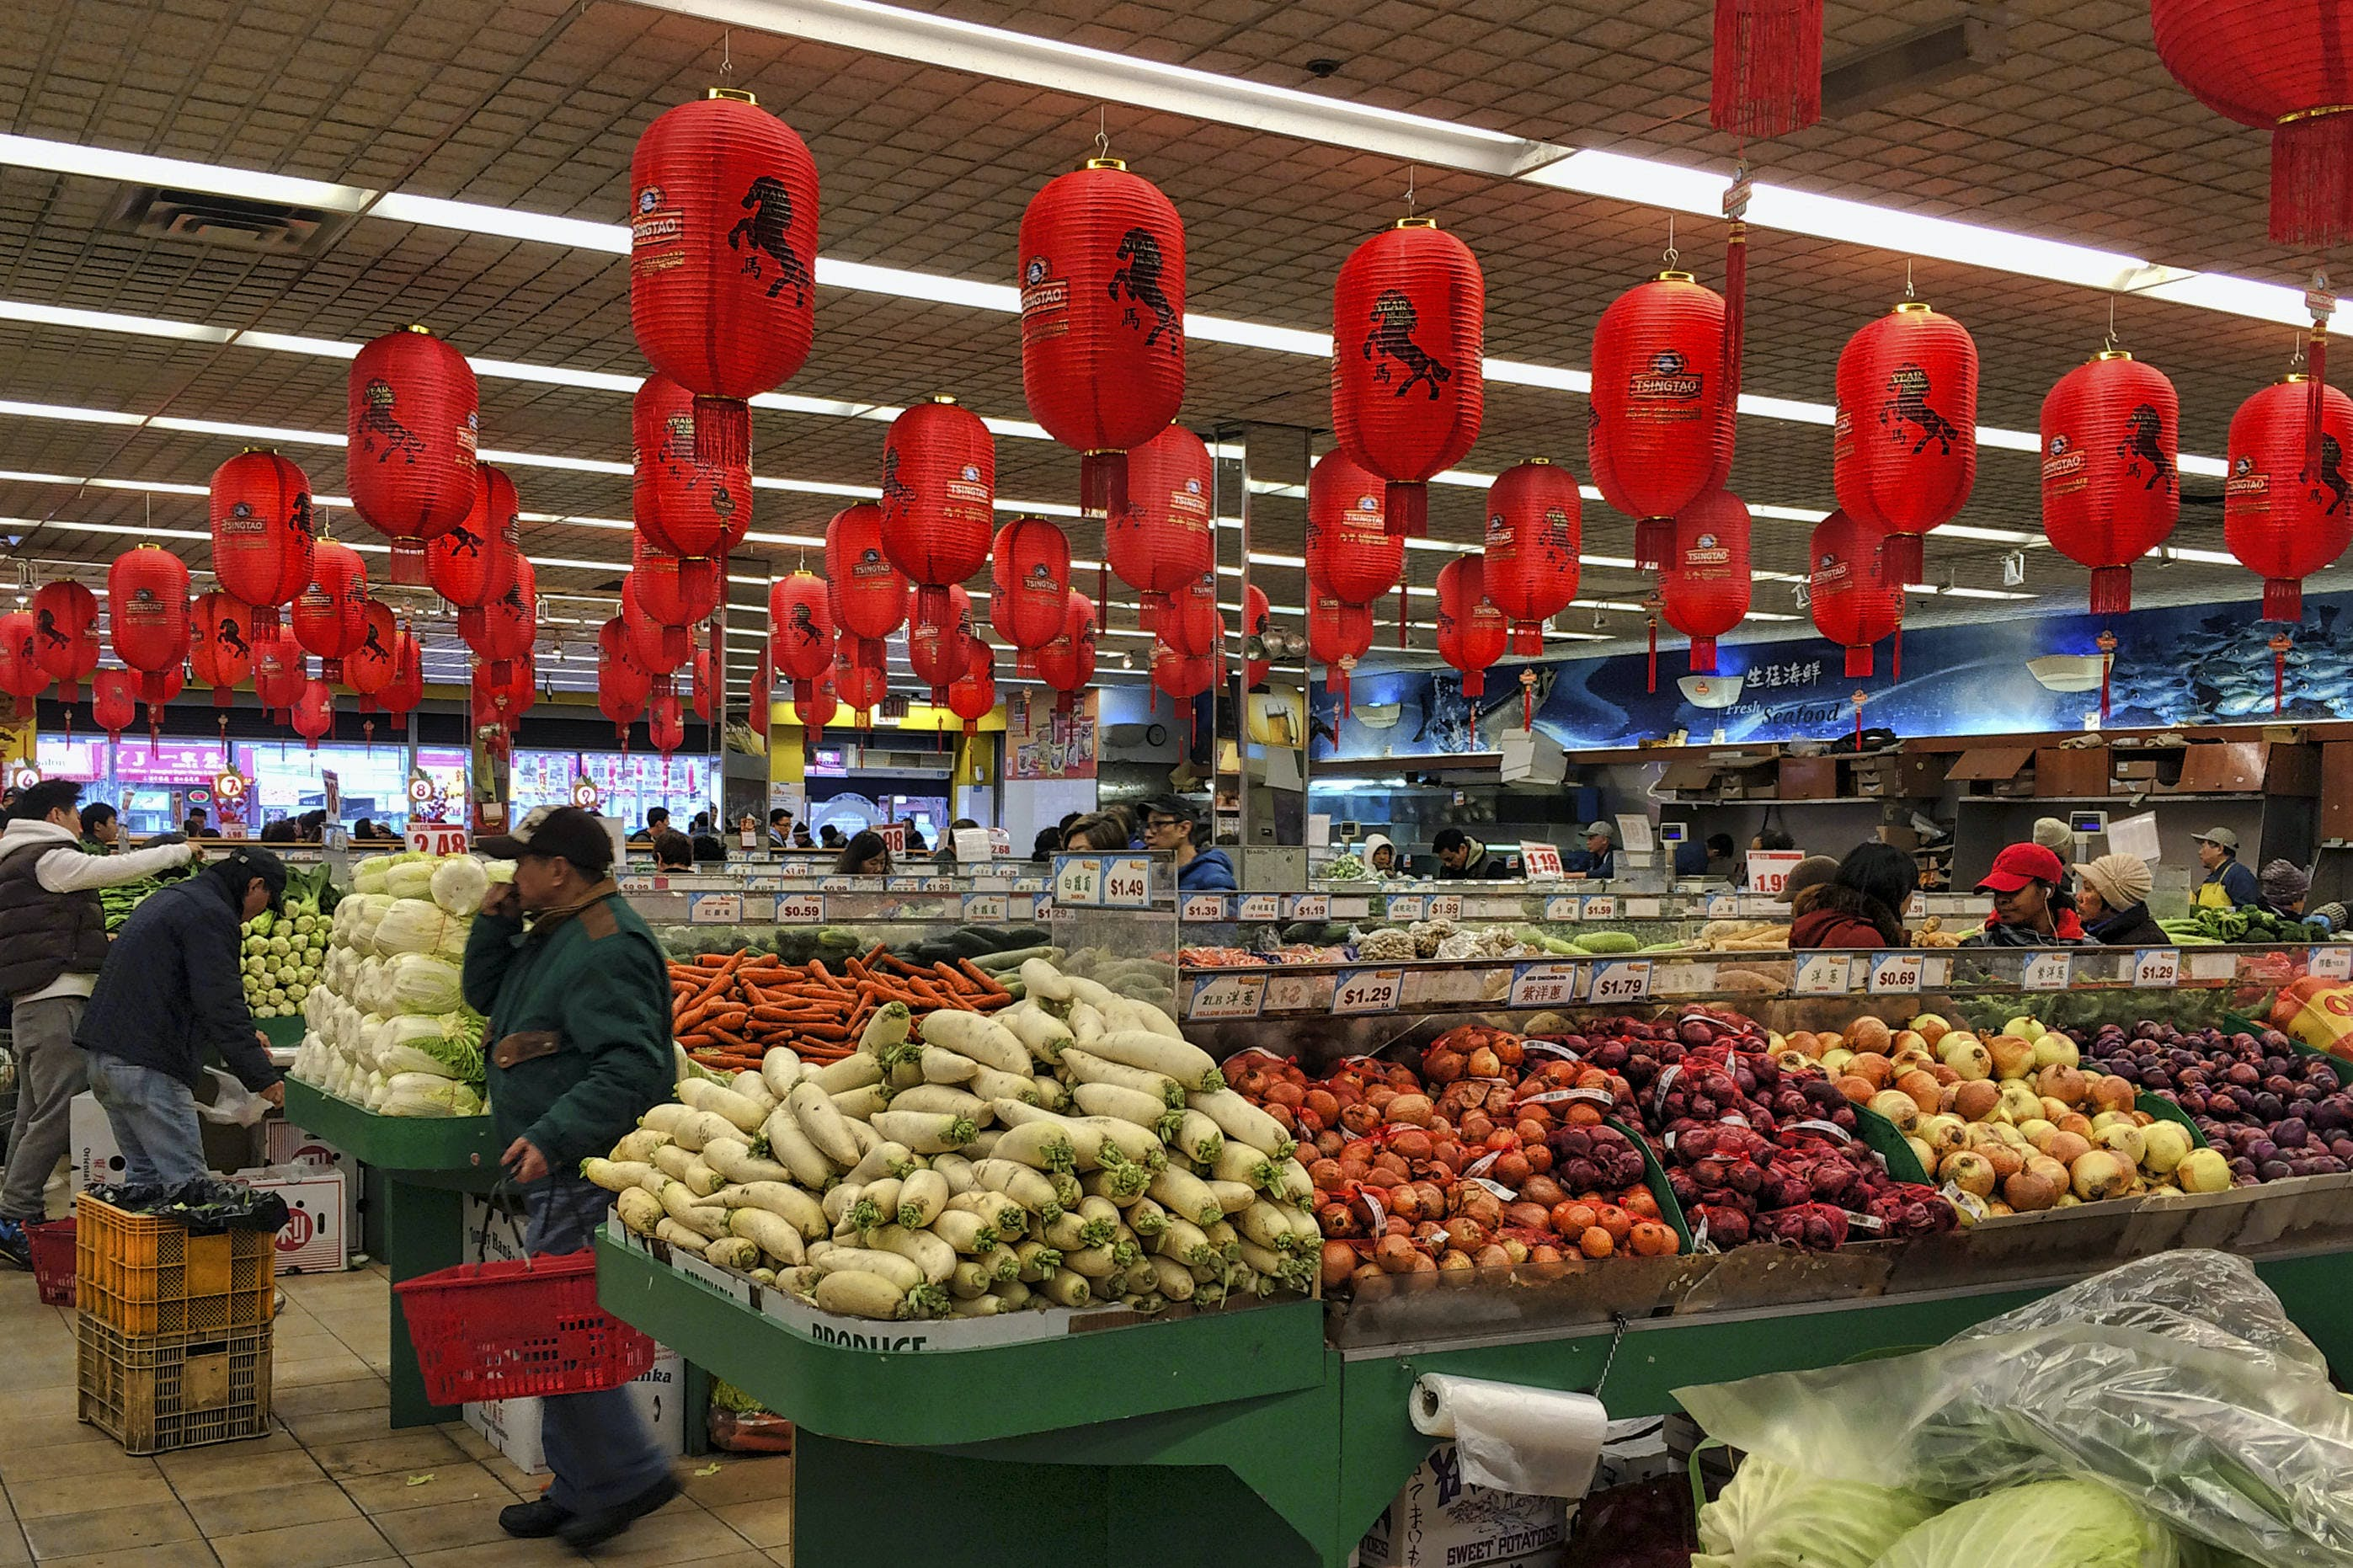 iphone 5s, スーパーマ, ニューヨーク市, 中国のランタンの無料の写真素材